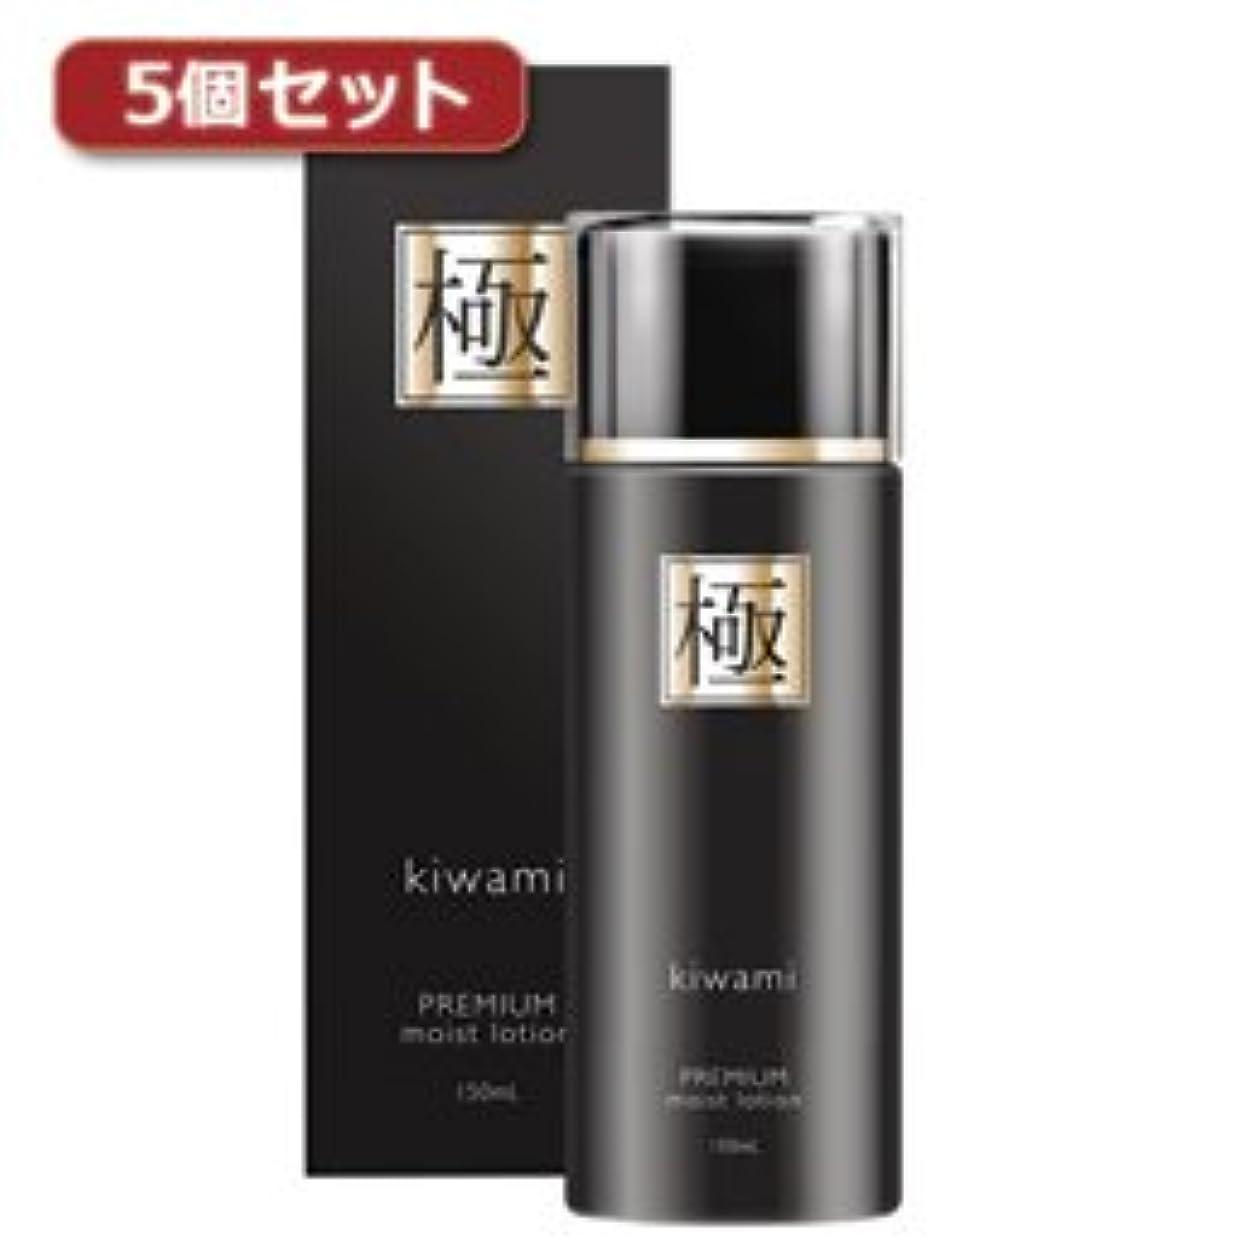 会計士中絶未払い(2個まとめ売り) 5個セット極 プレミアムモイストローション premium moist lotion EV96454X5